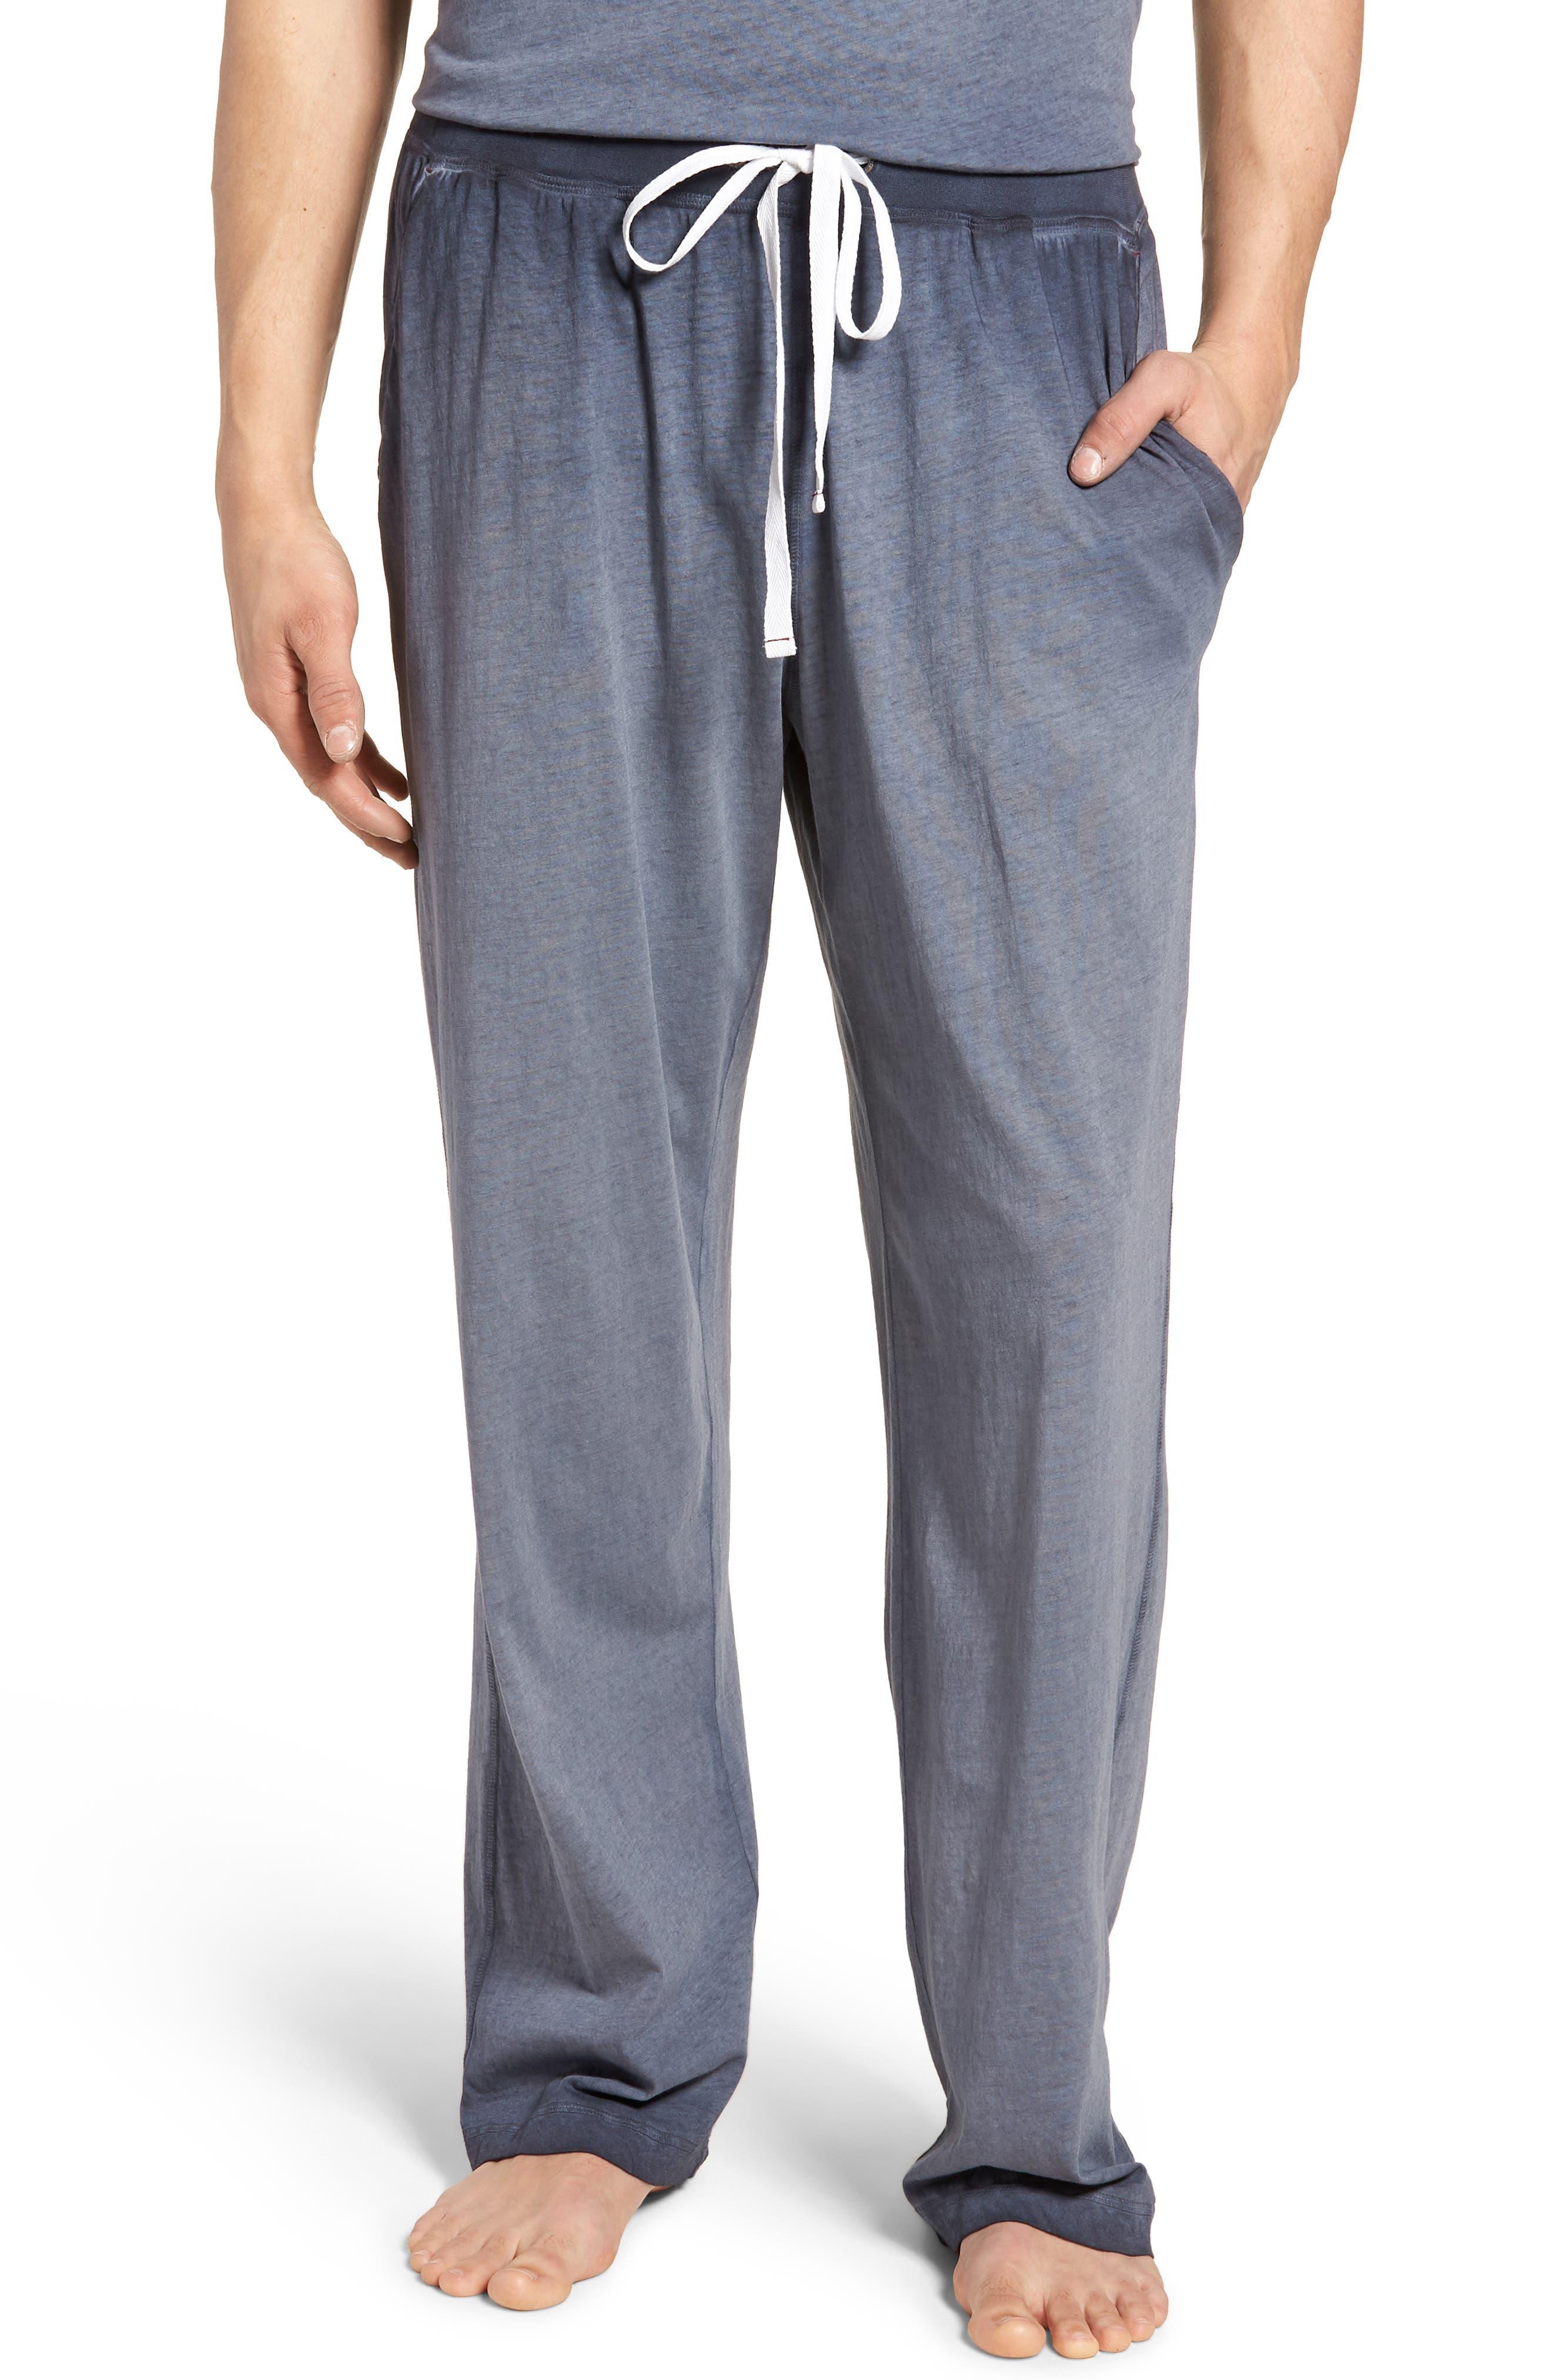 Cotton Lounge Pants,                             Main thumbnail 1, color,                             410